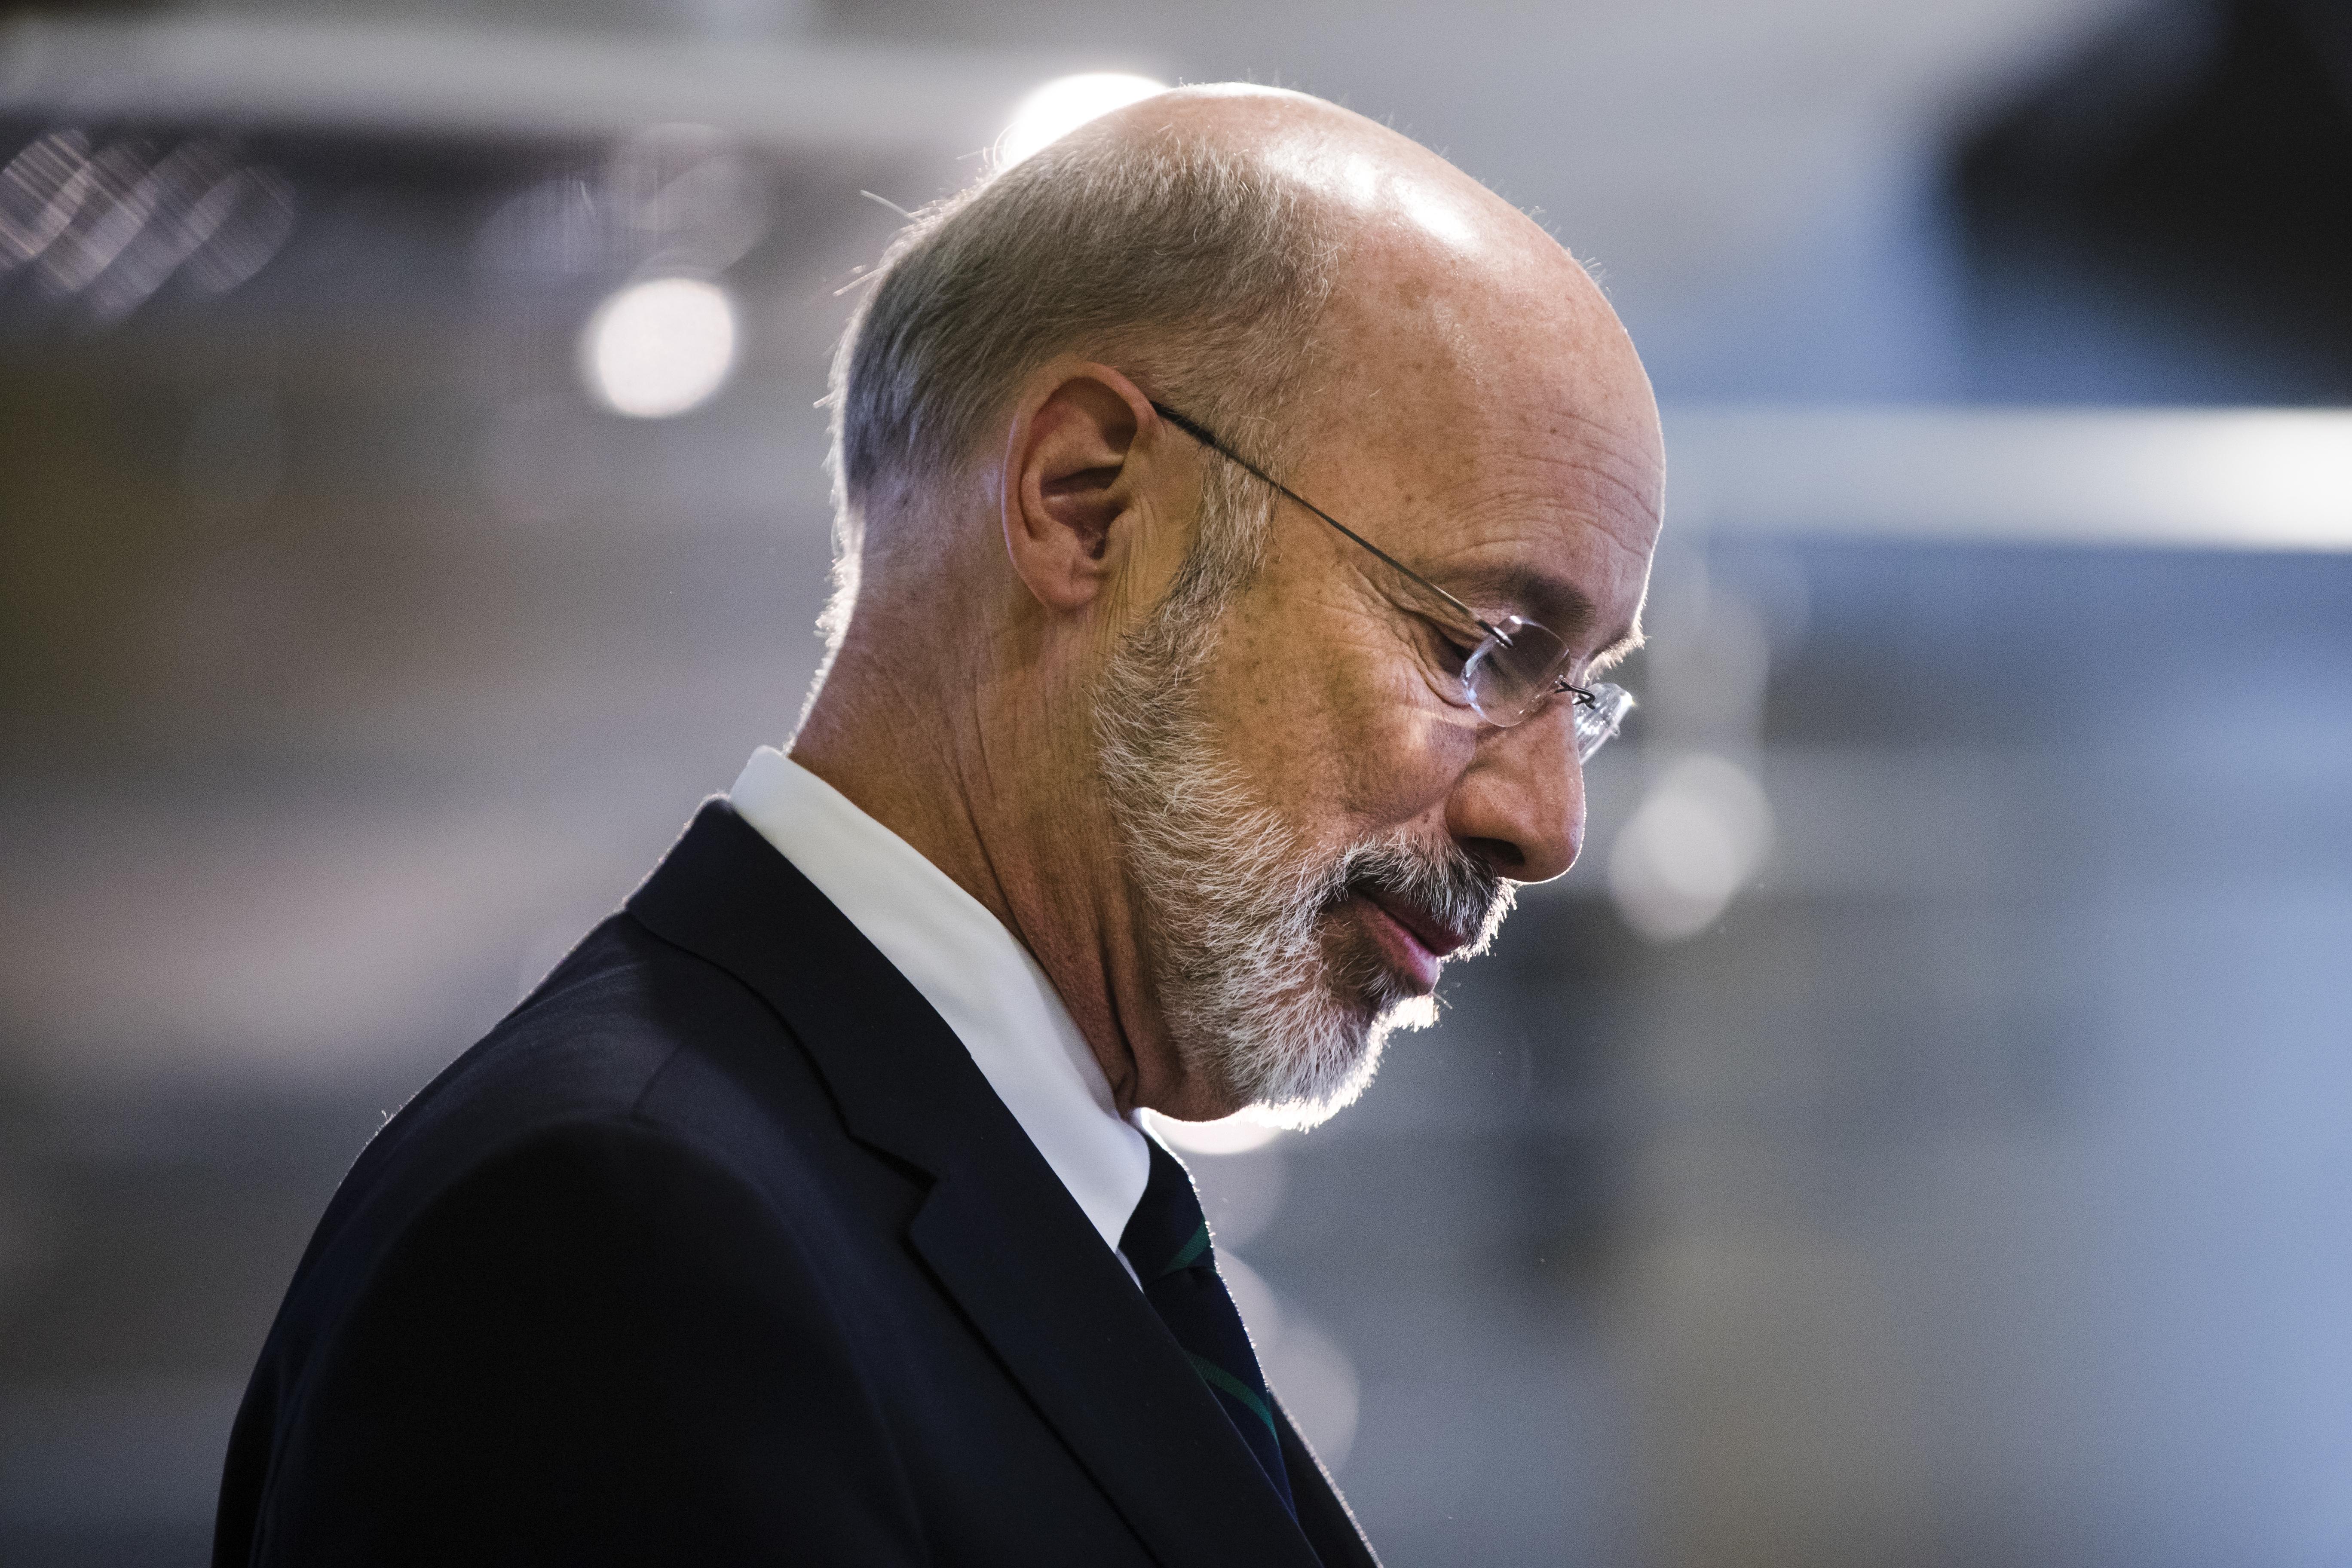 Pennsylvania Gov. Tom Wolf speaks at Drexel University in Philadelphia, Tuesday, Nov. 14, 2017. (AP Photo/Matt Rourke)